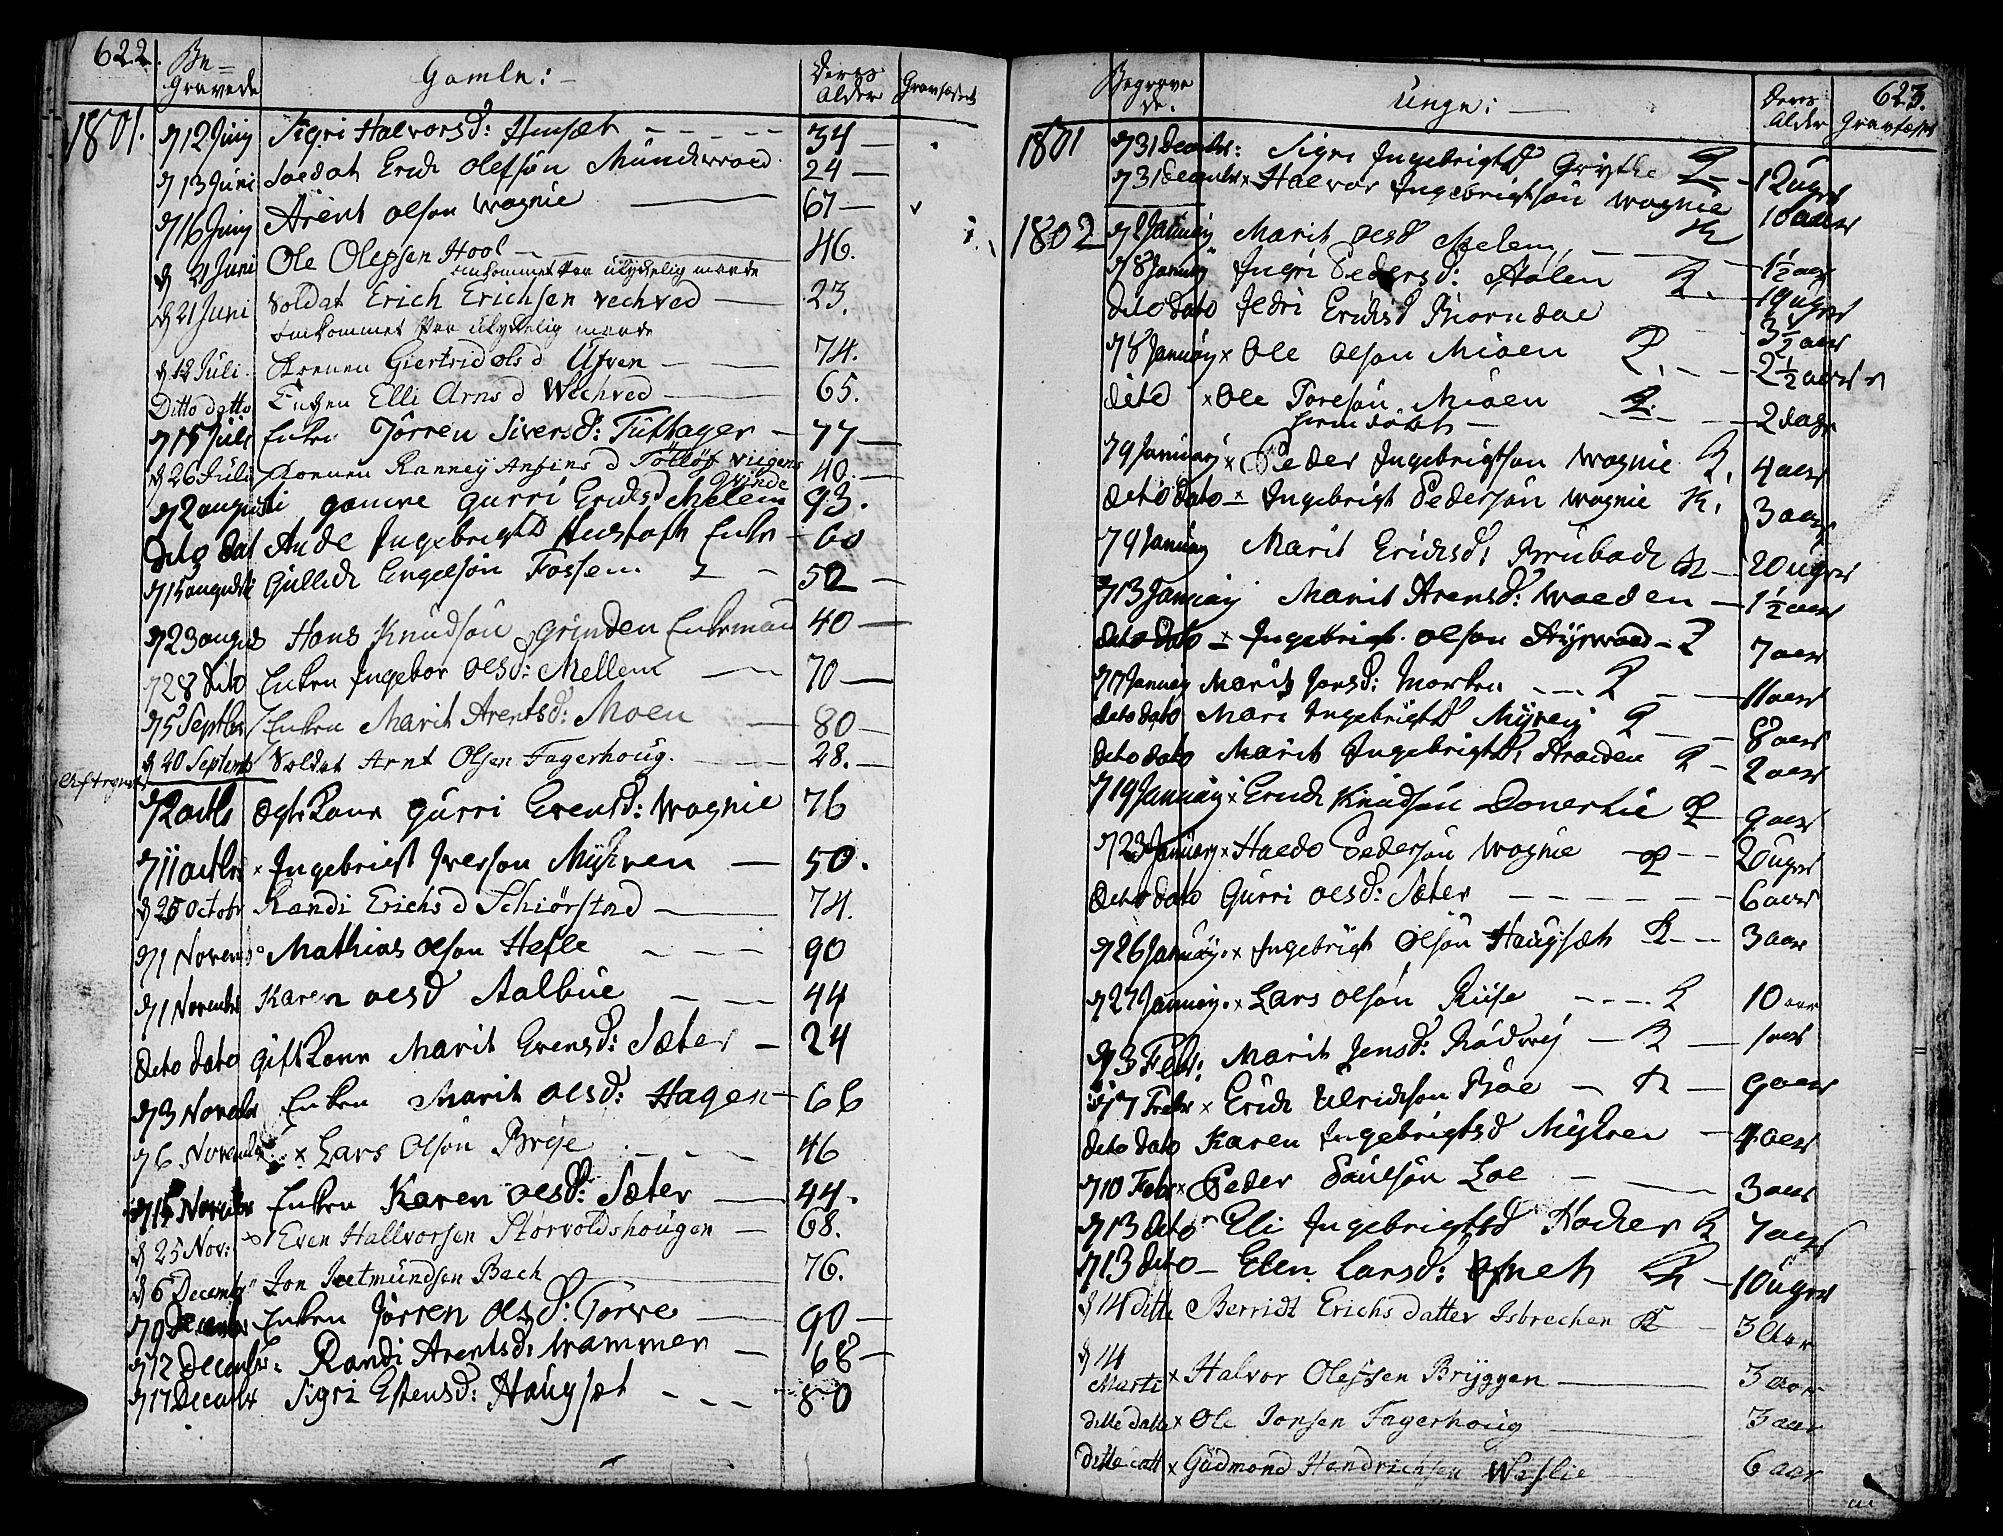 SAT, Ministerialprotokoller, klokkerbøker og fødselsregistre - Sør-Trøndelag, 678/L0893: Ministerialbok nr. 678A03, 1792-1805, s. 622-623